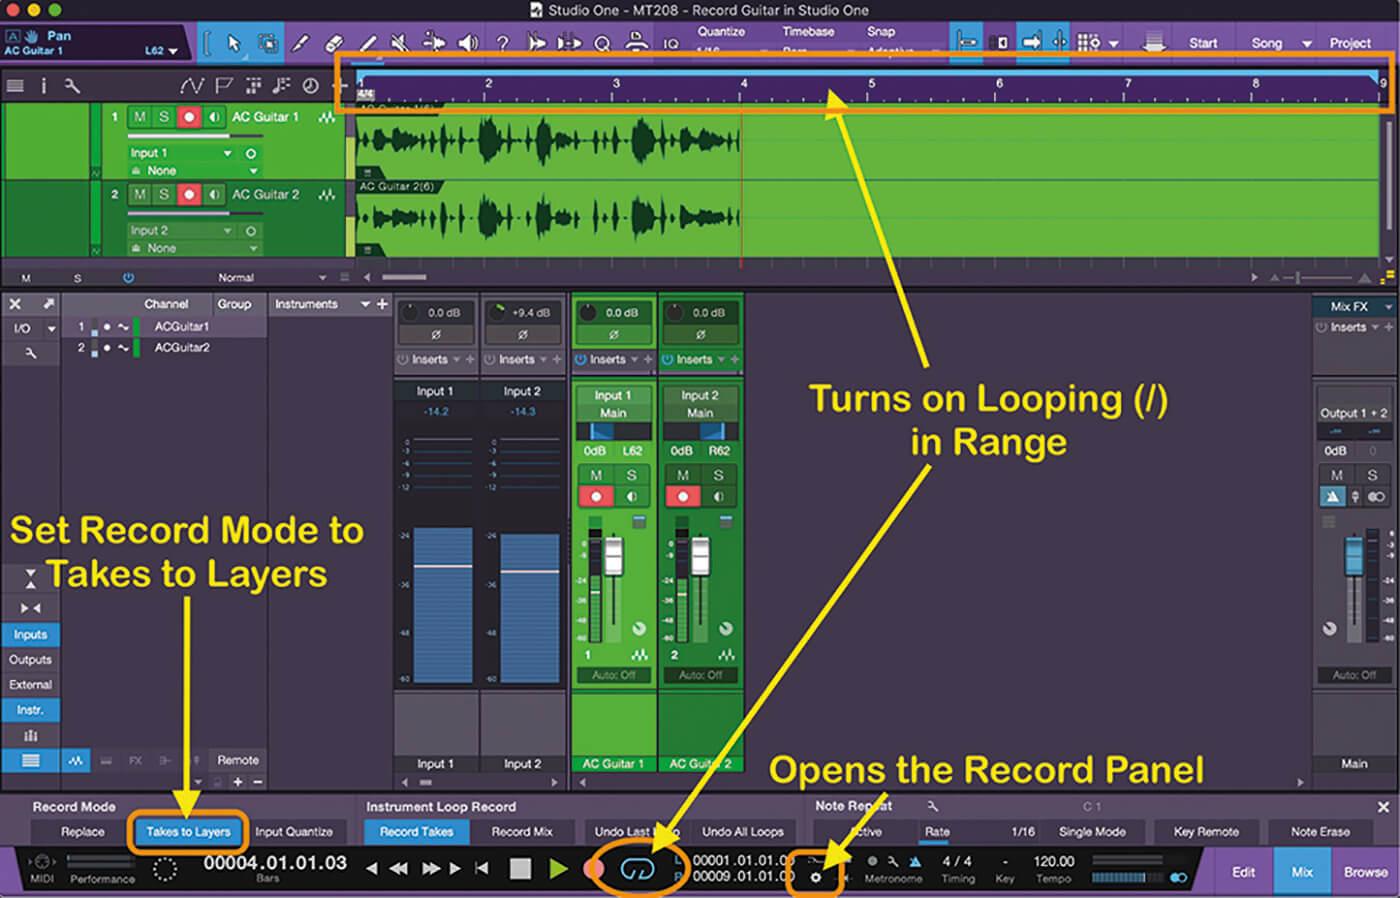 Recording Guitars In Studio One 15